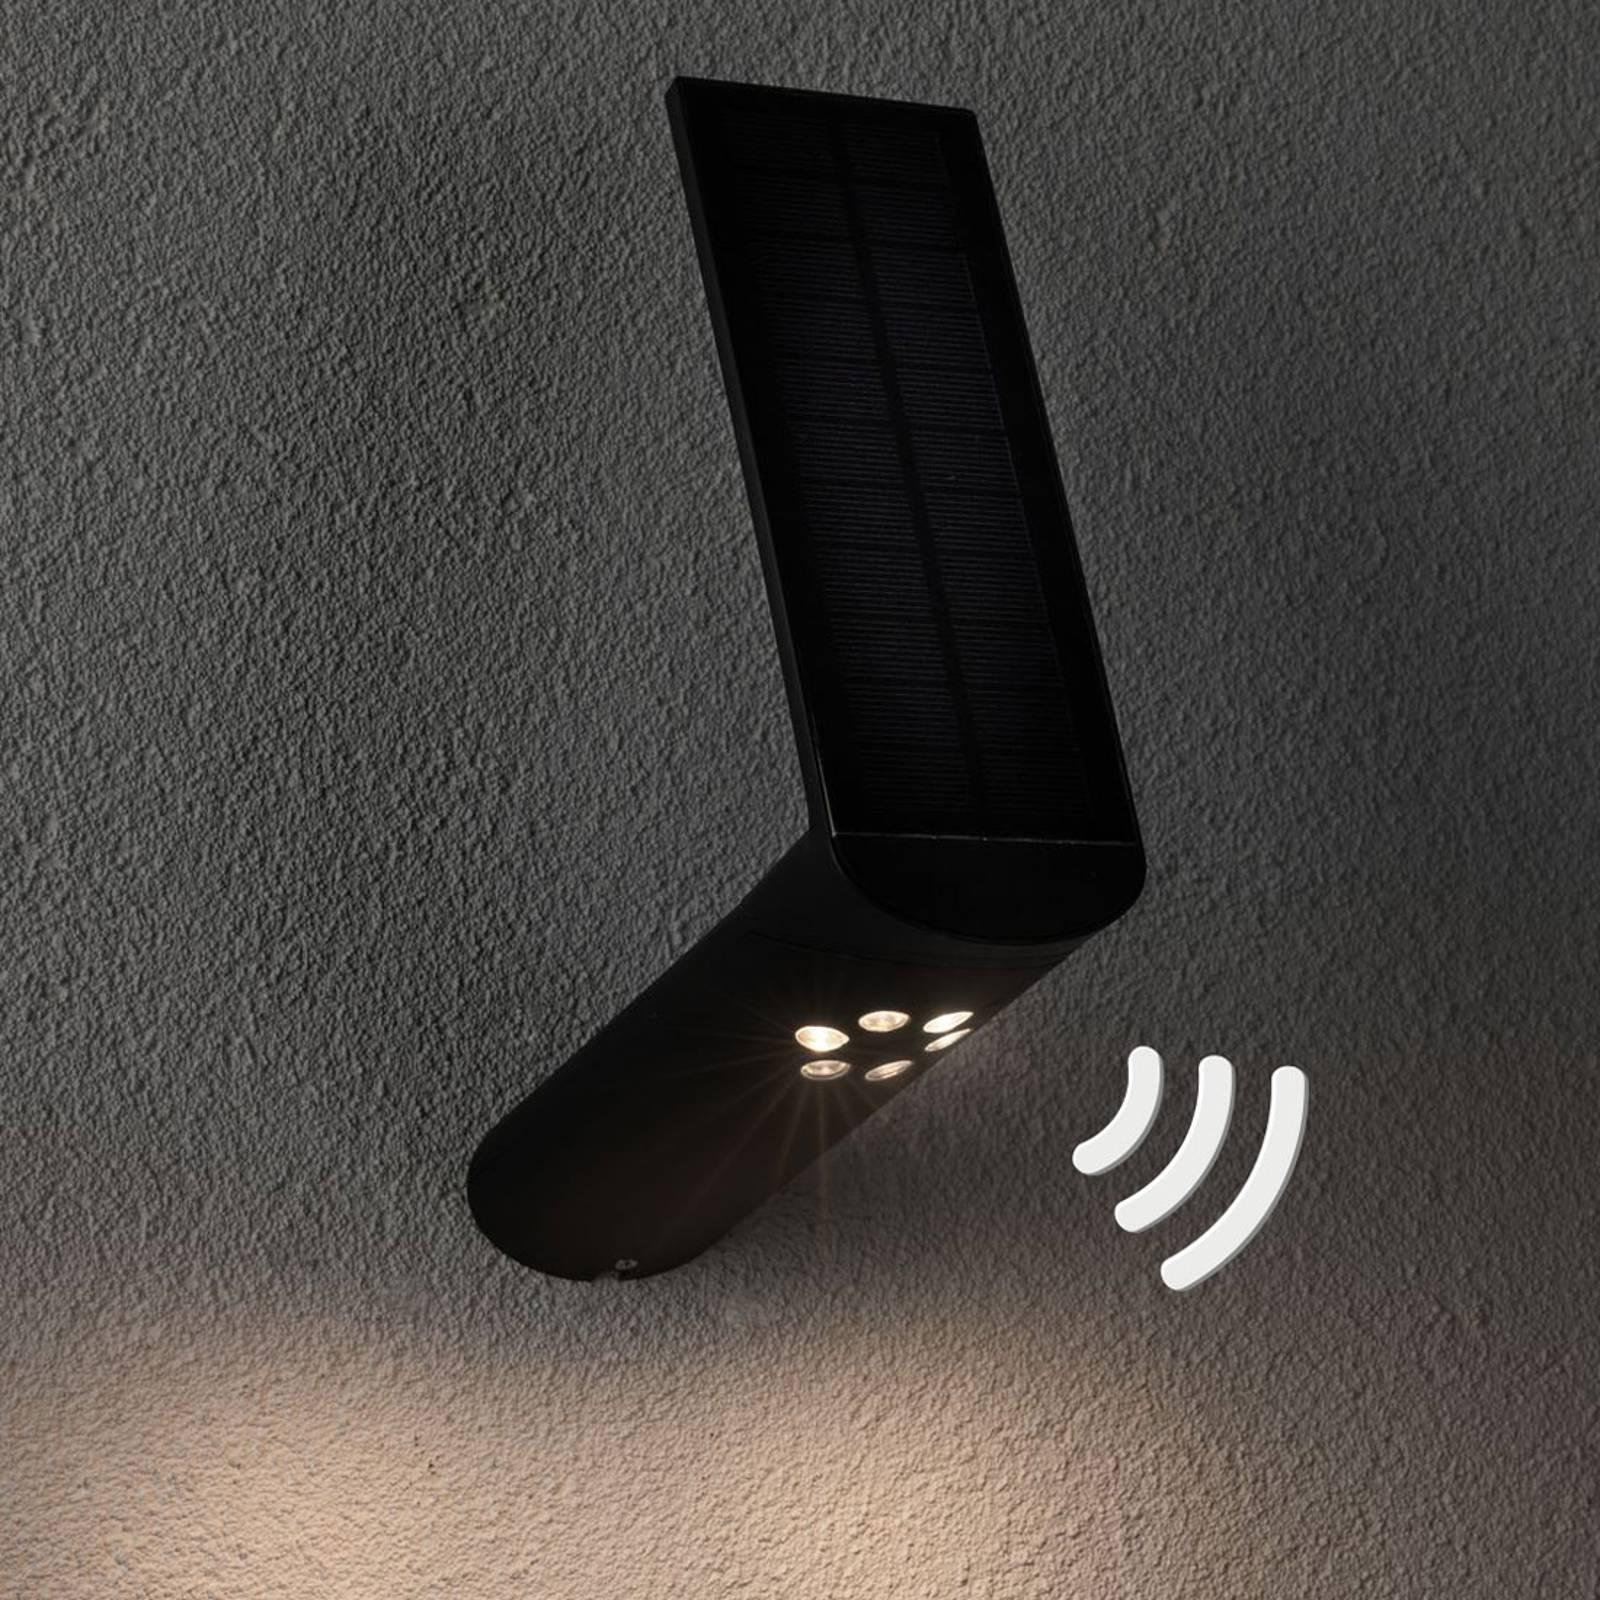 Paulmann LED-ulkoseinävalo Ilias, antrasitti